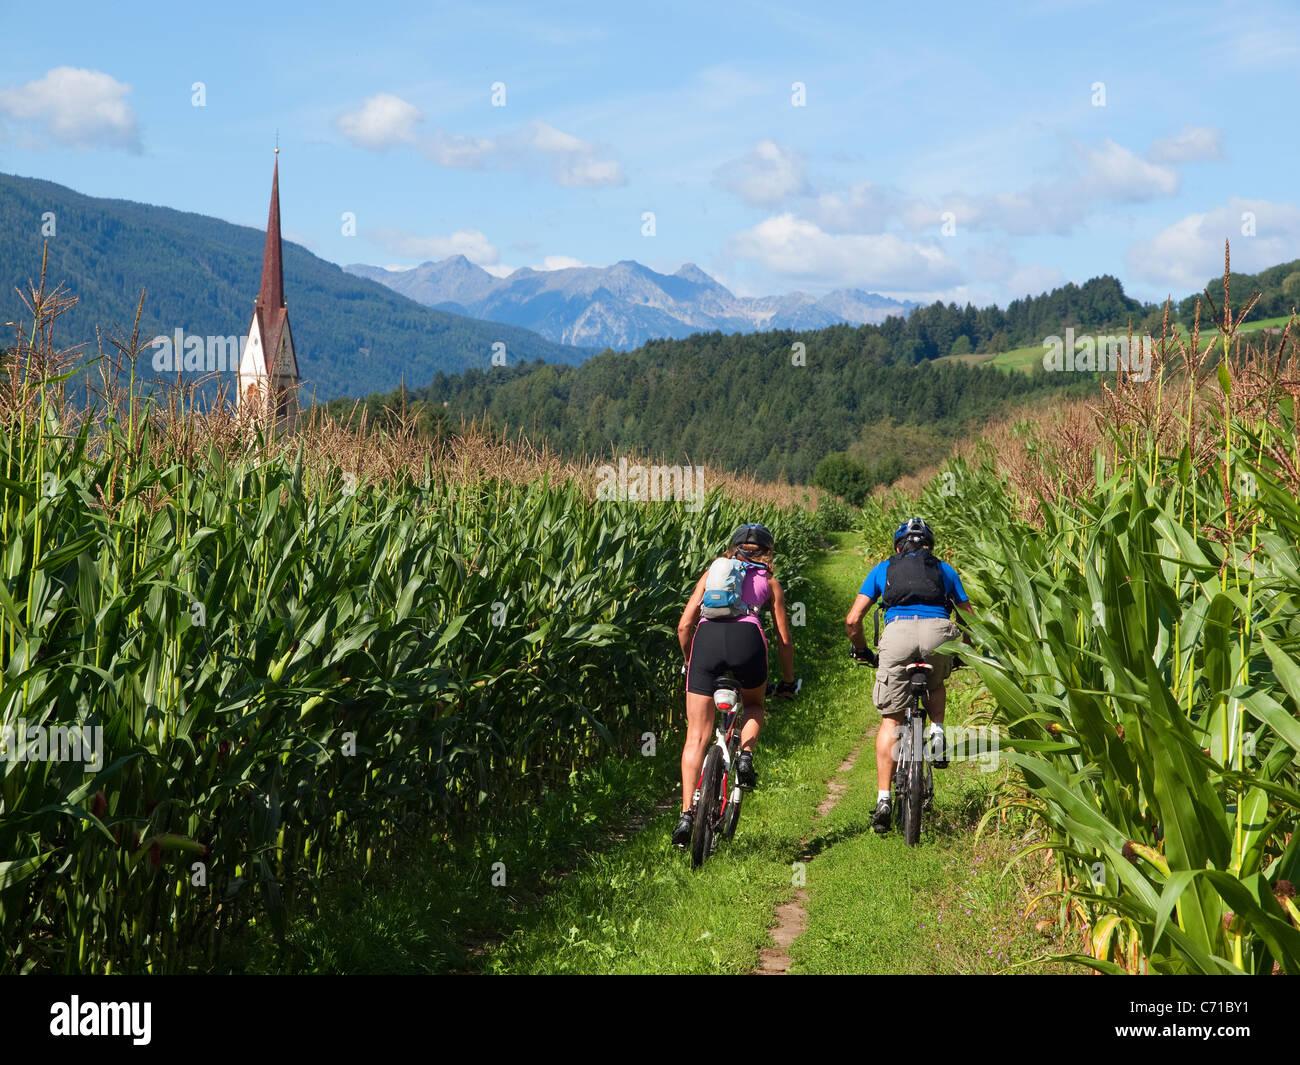 Dos ciclistas de montaña están a caballo entre los campos de maíz en el Pustertal, con una iglesia Imagen De Stock